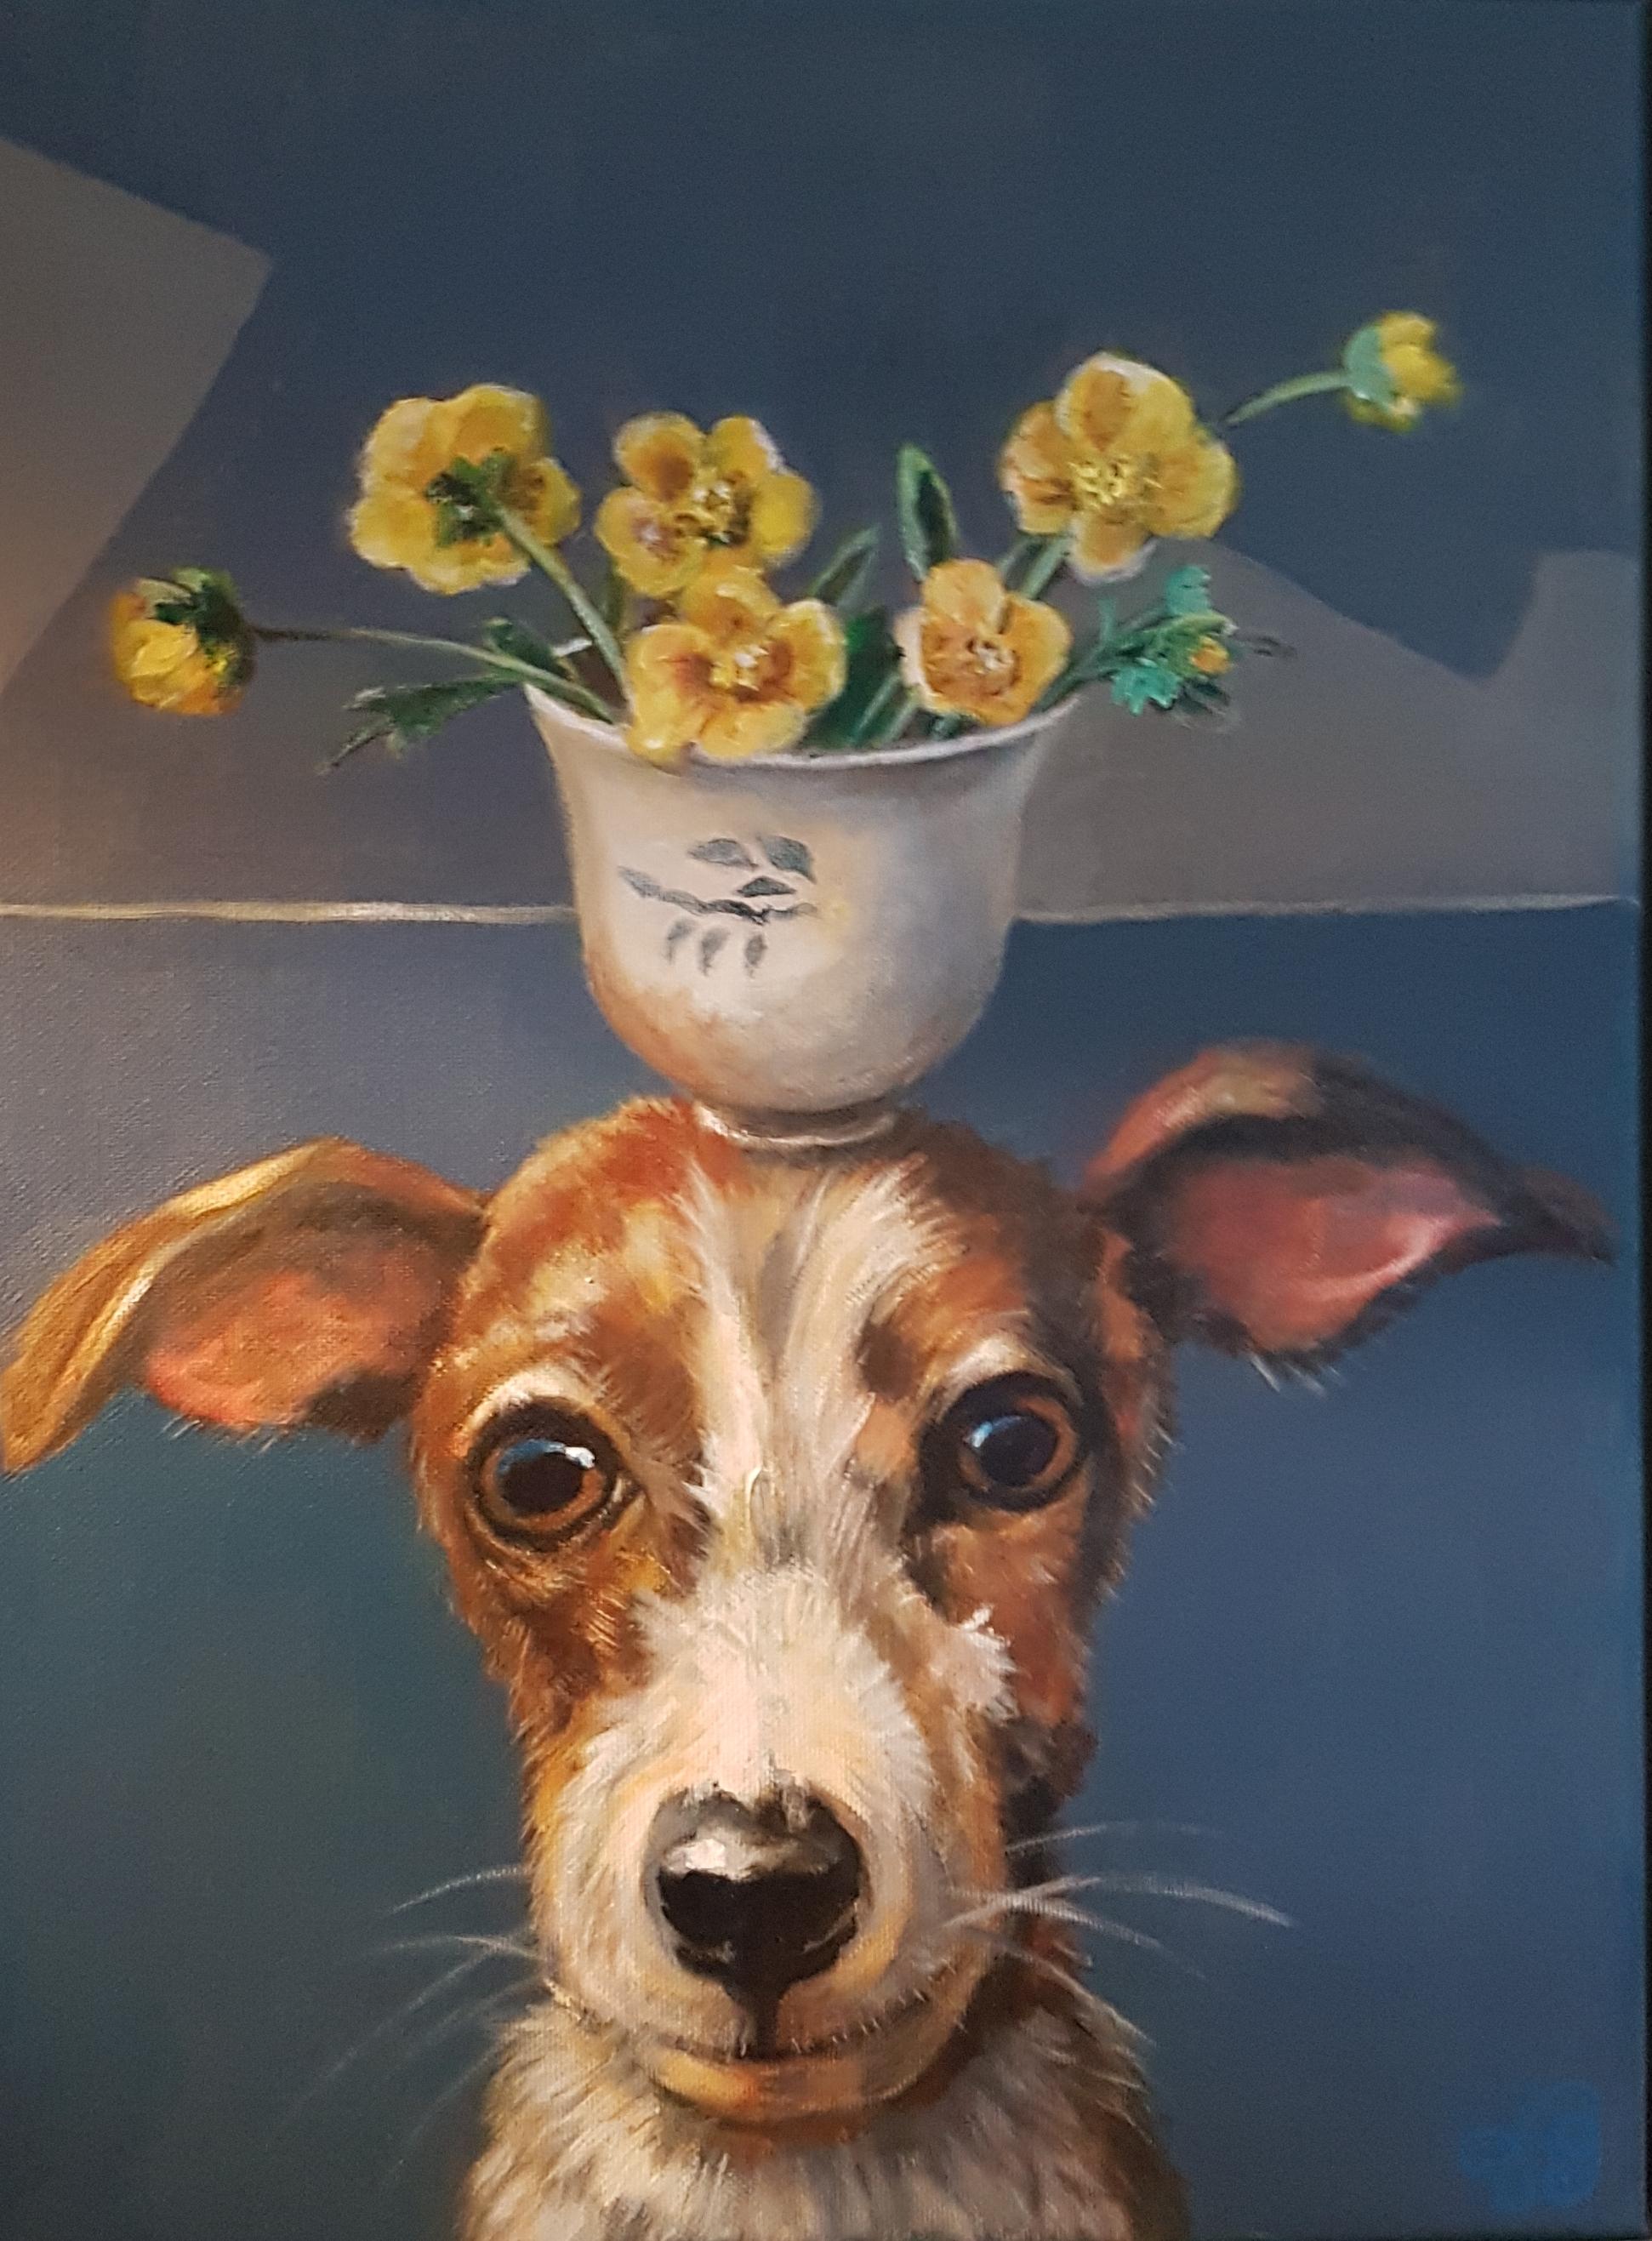 Hond met kopje boterbloemen